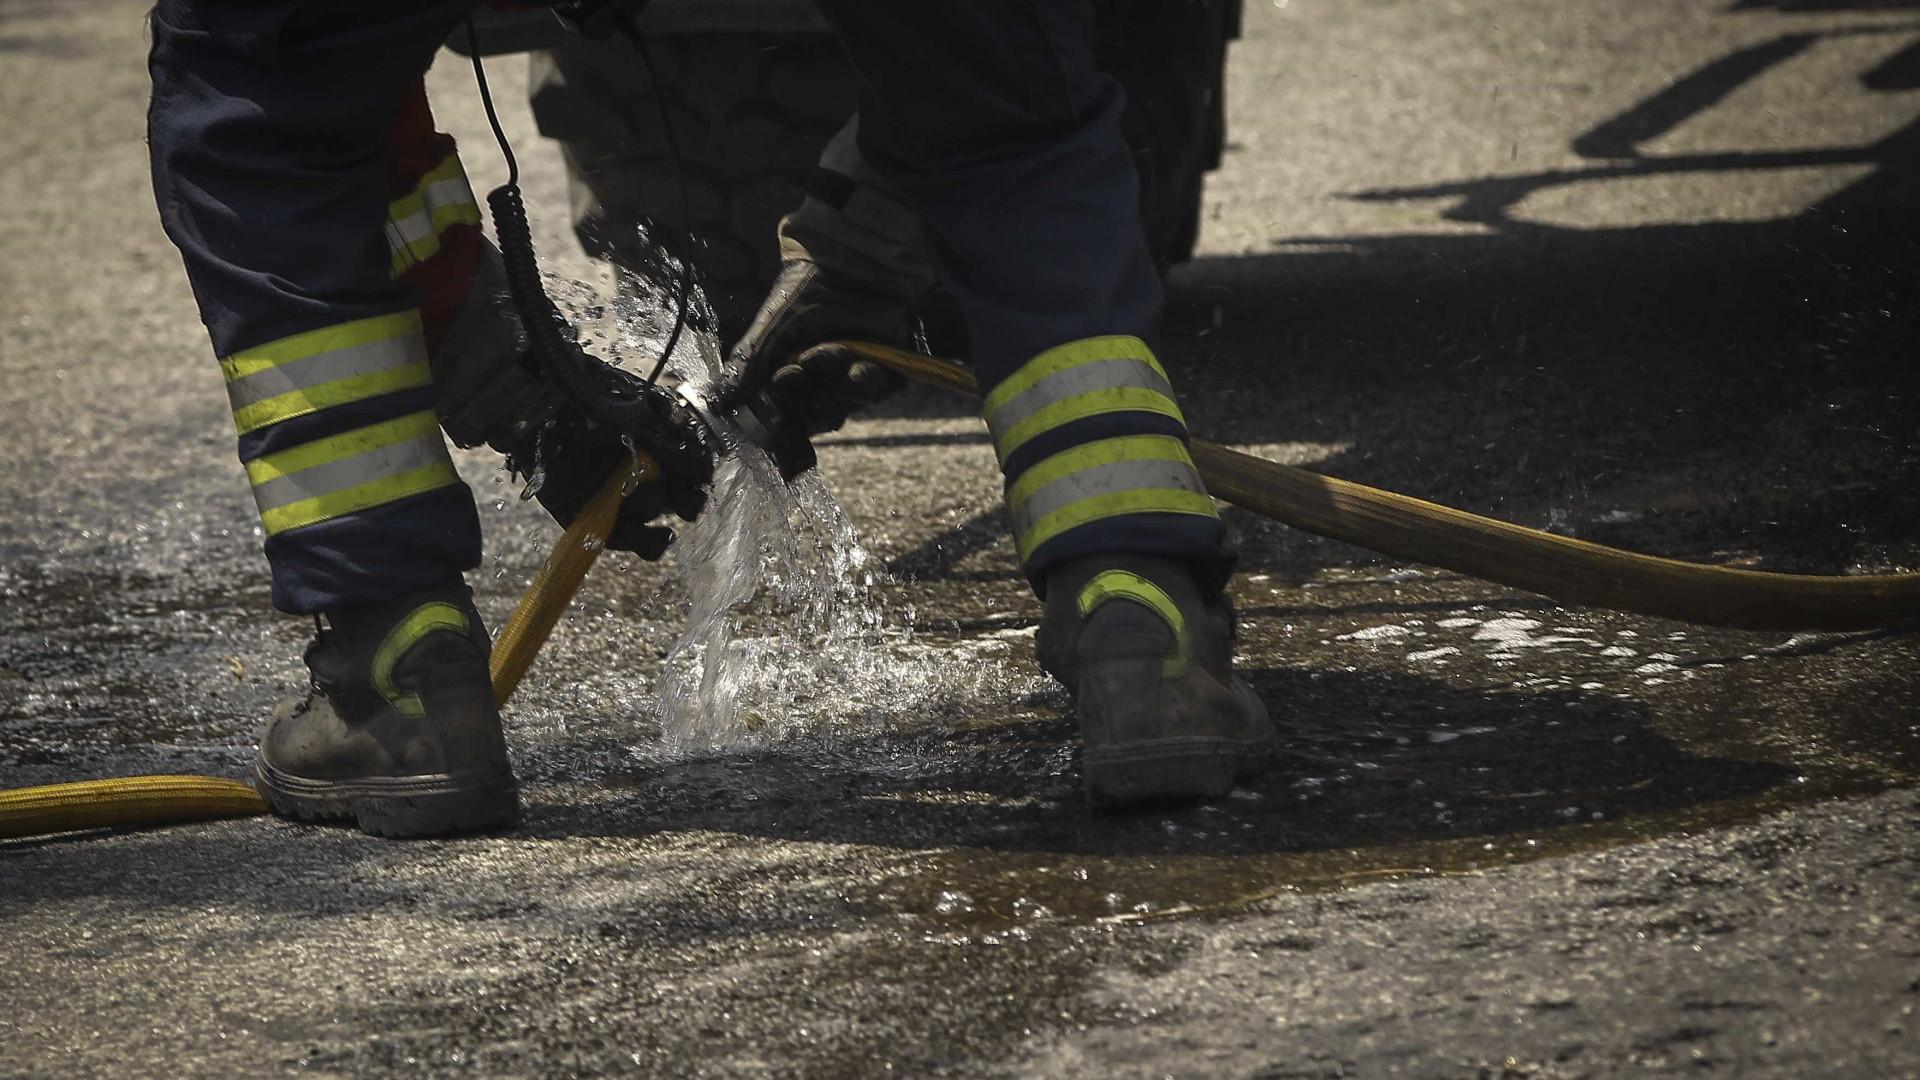 Artista de circo ferido com gravidade em incêndio no reboque de camião